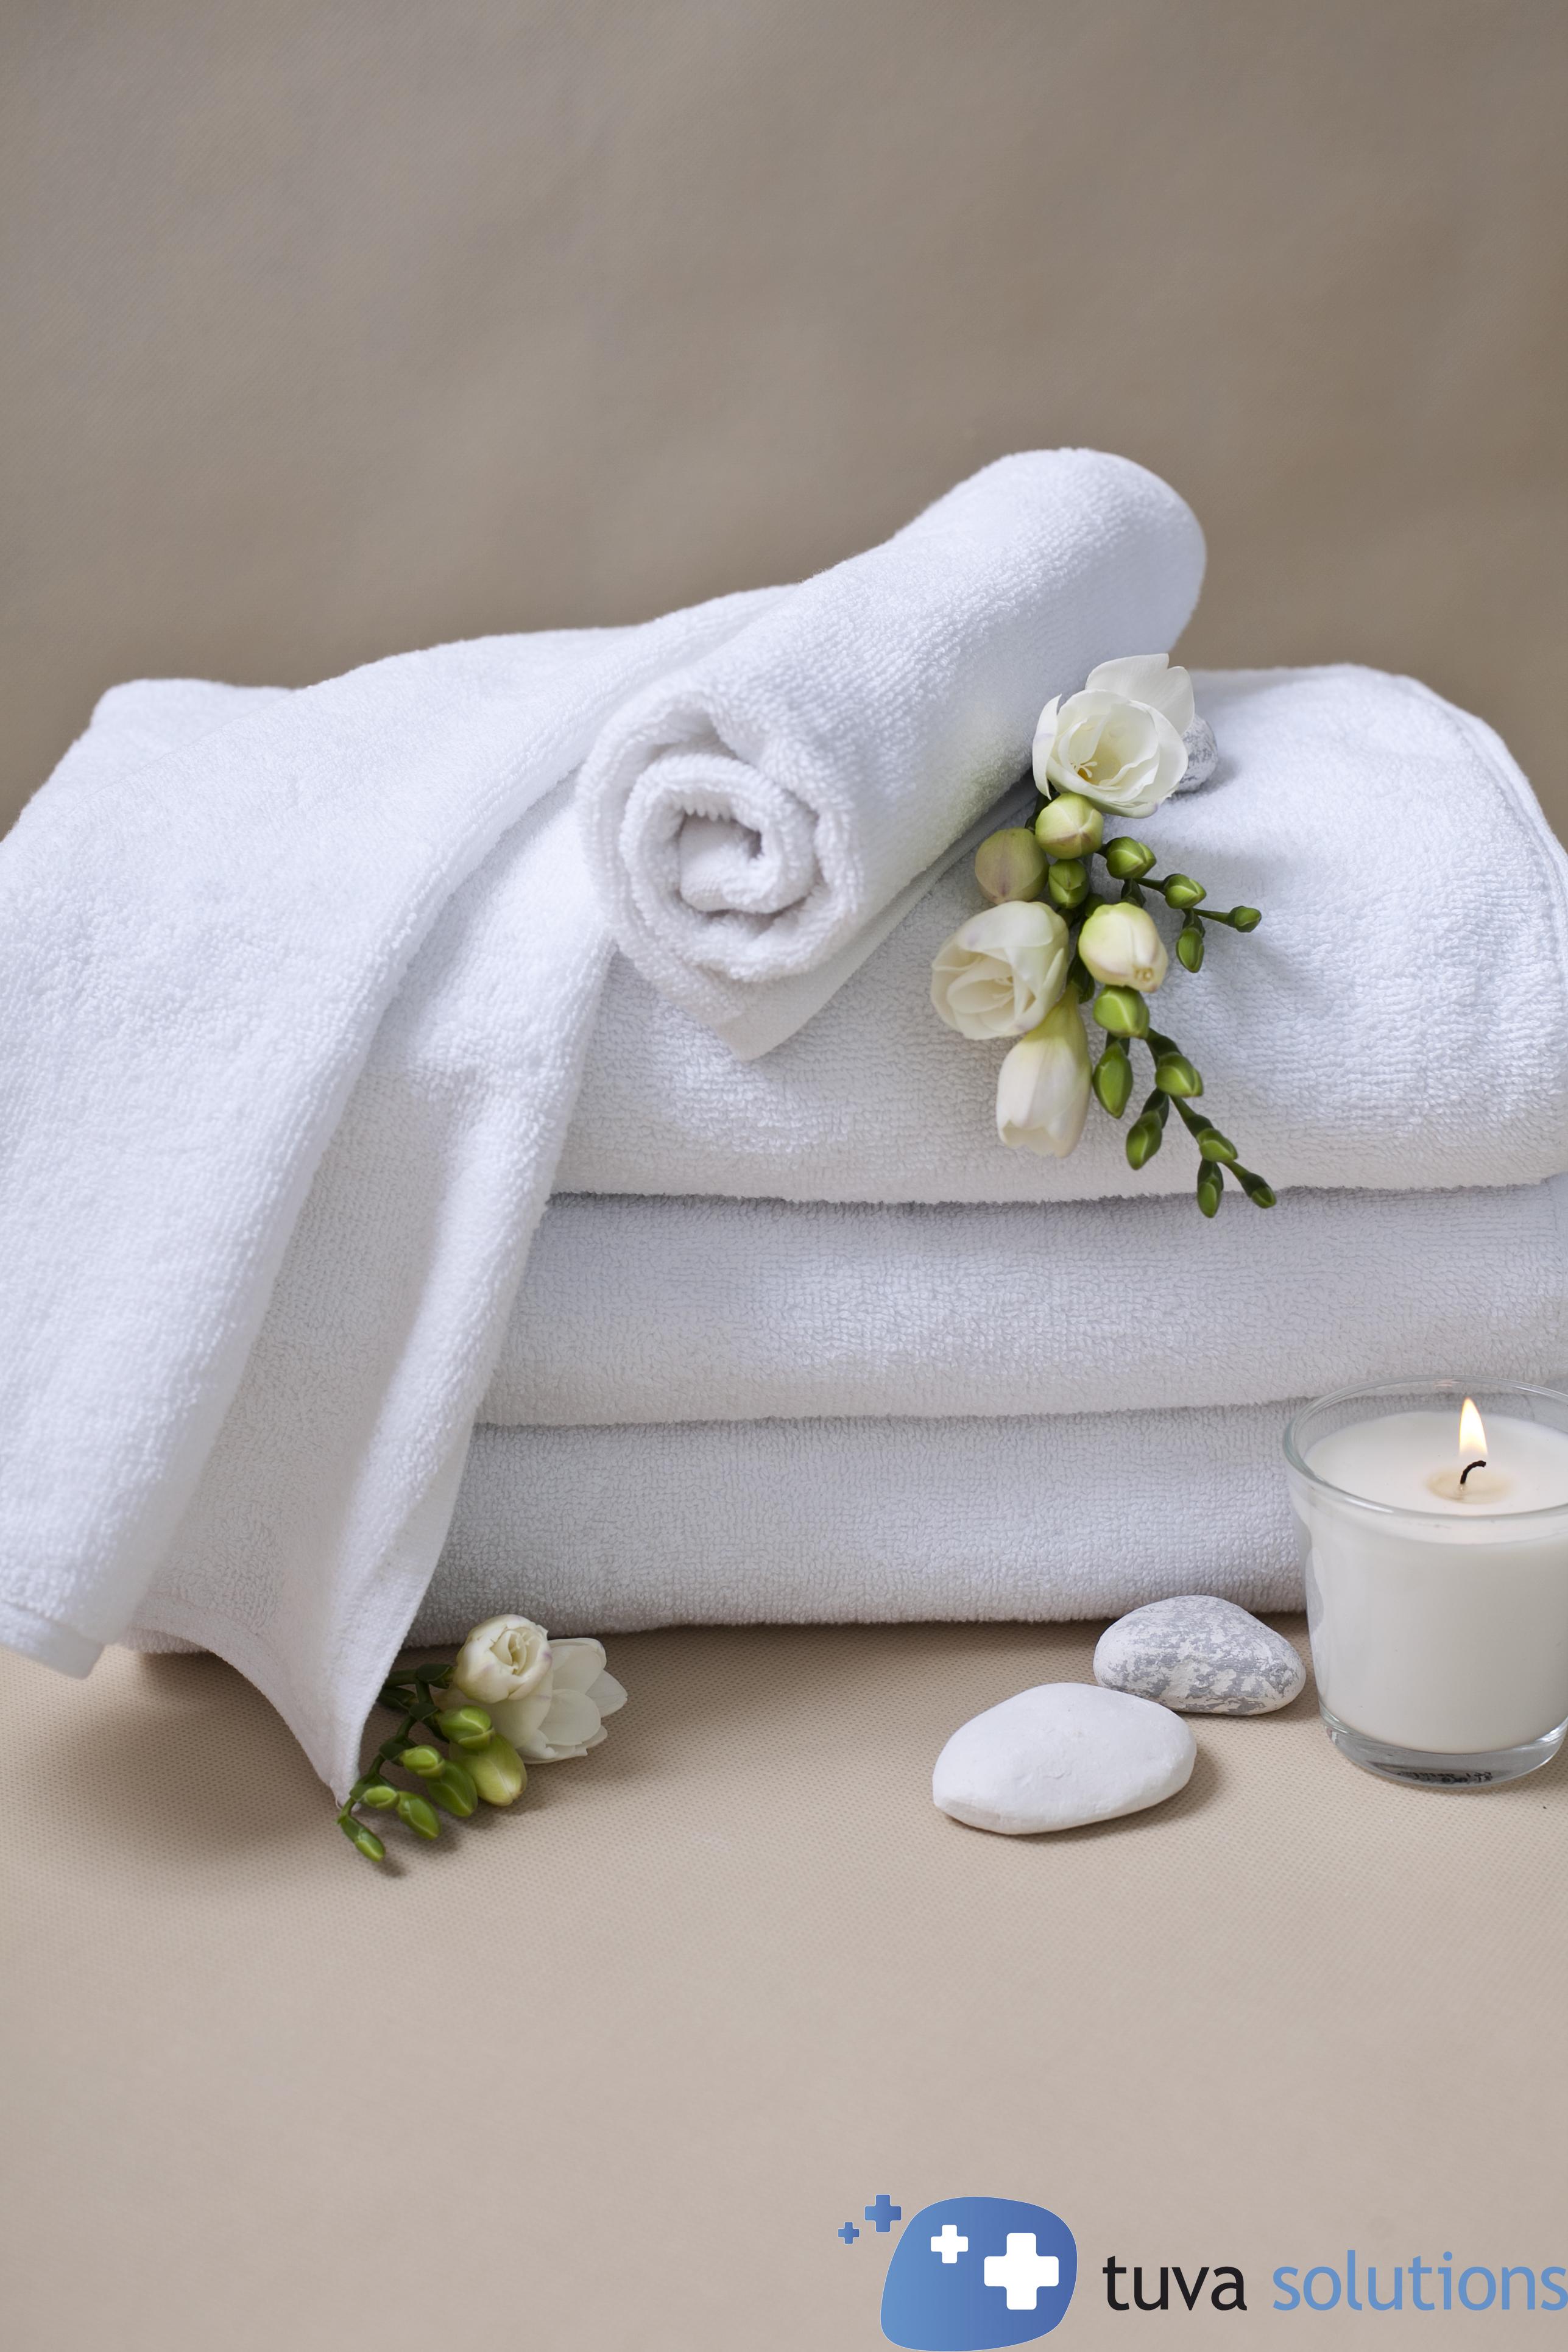 Hotel Towel Deluxe